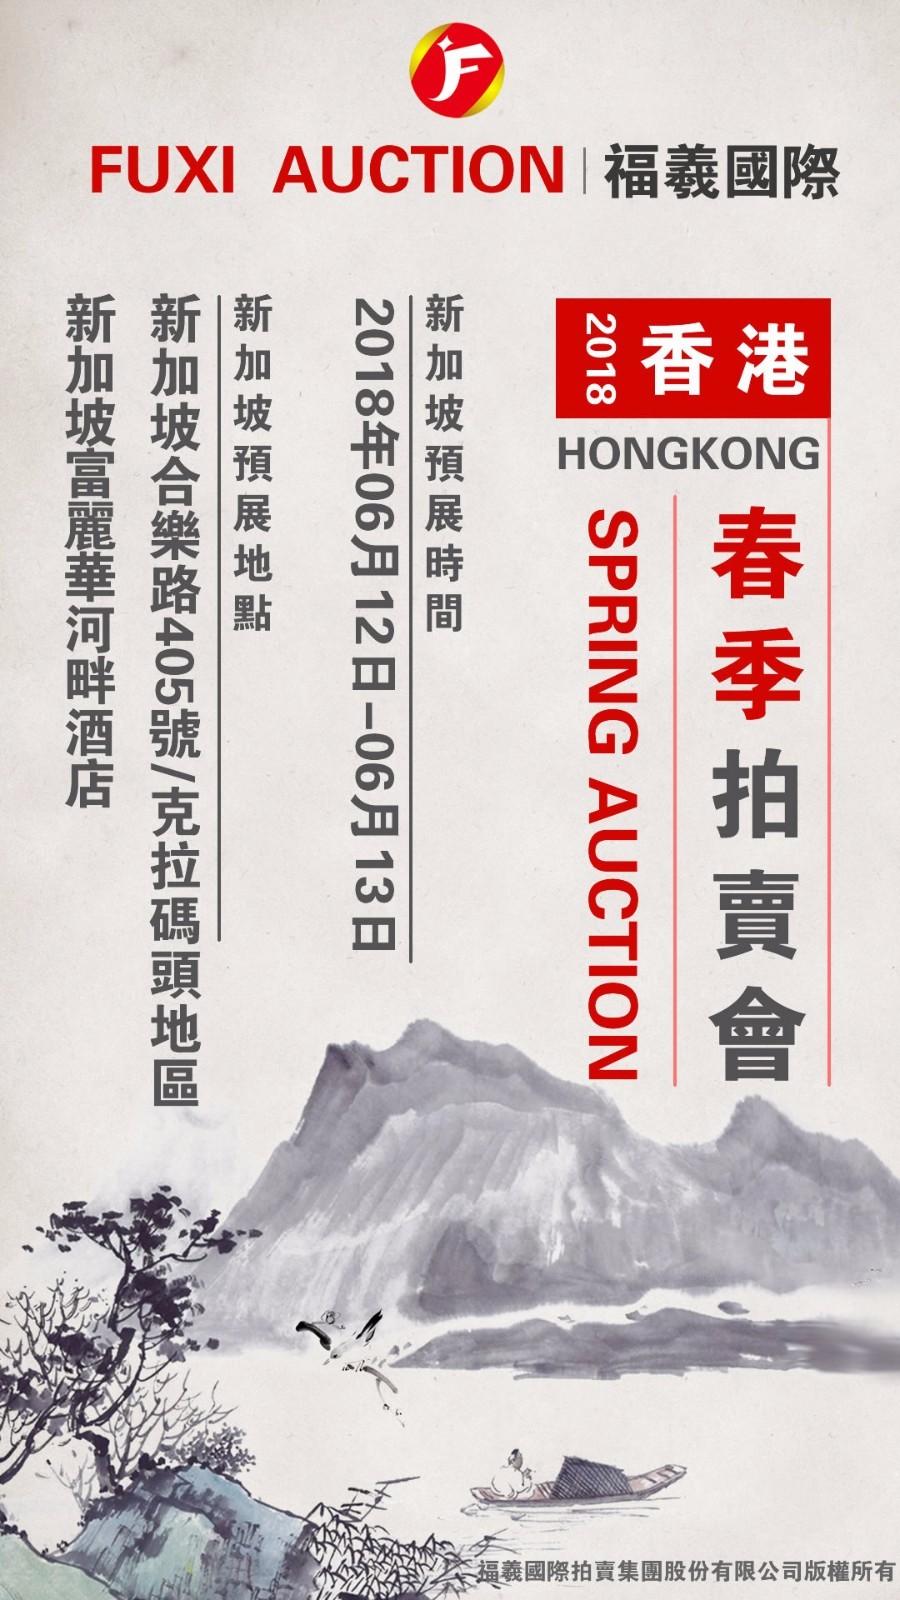 福羲国际拍卖香港2018春拍新加坡预展明日开幕!